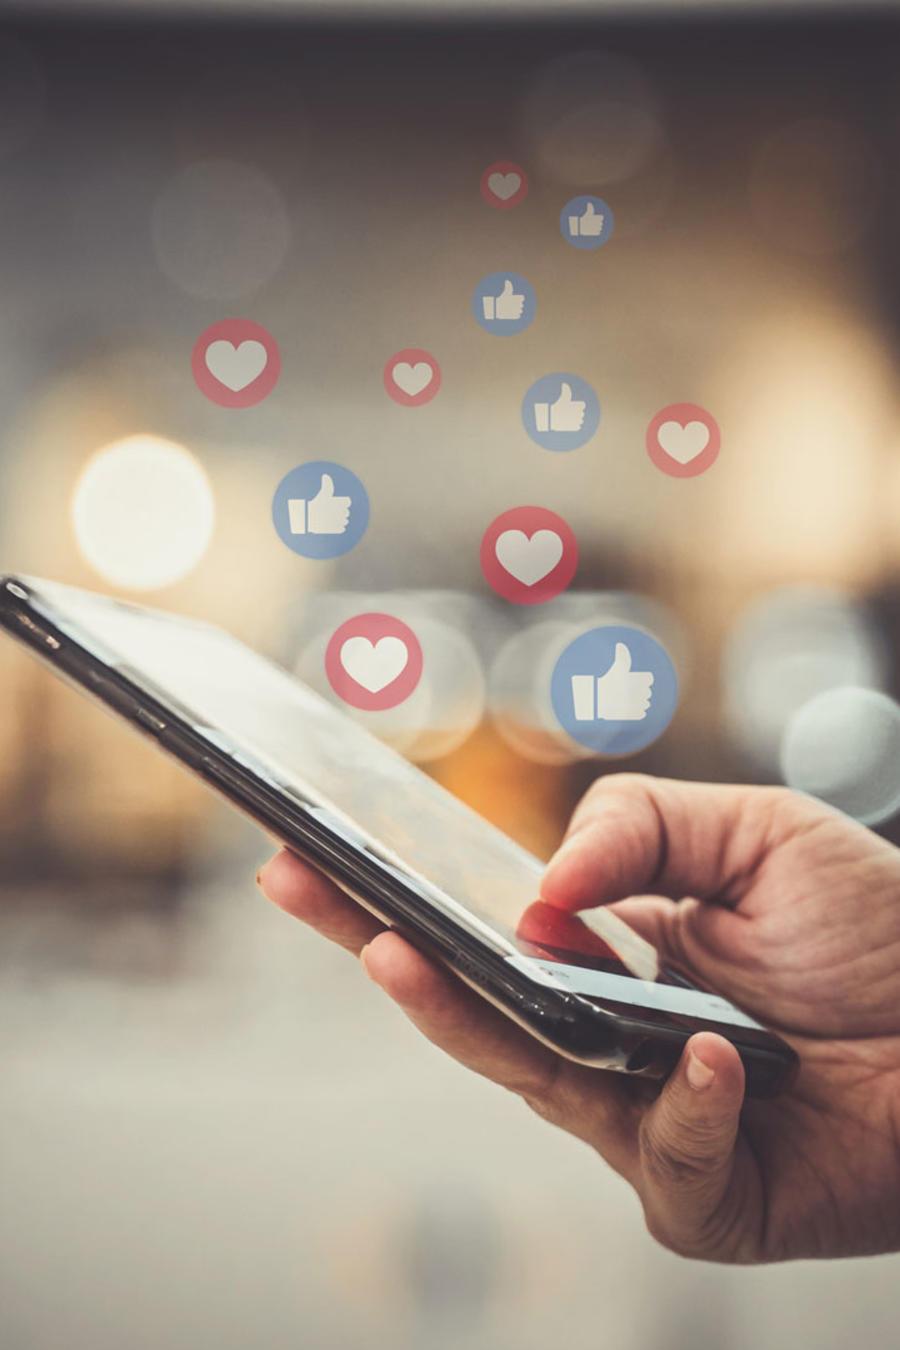 Persona utilizando redes sociales